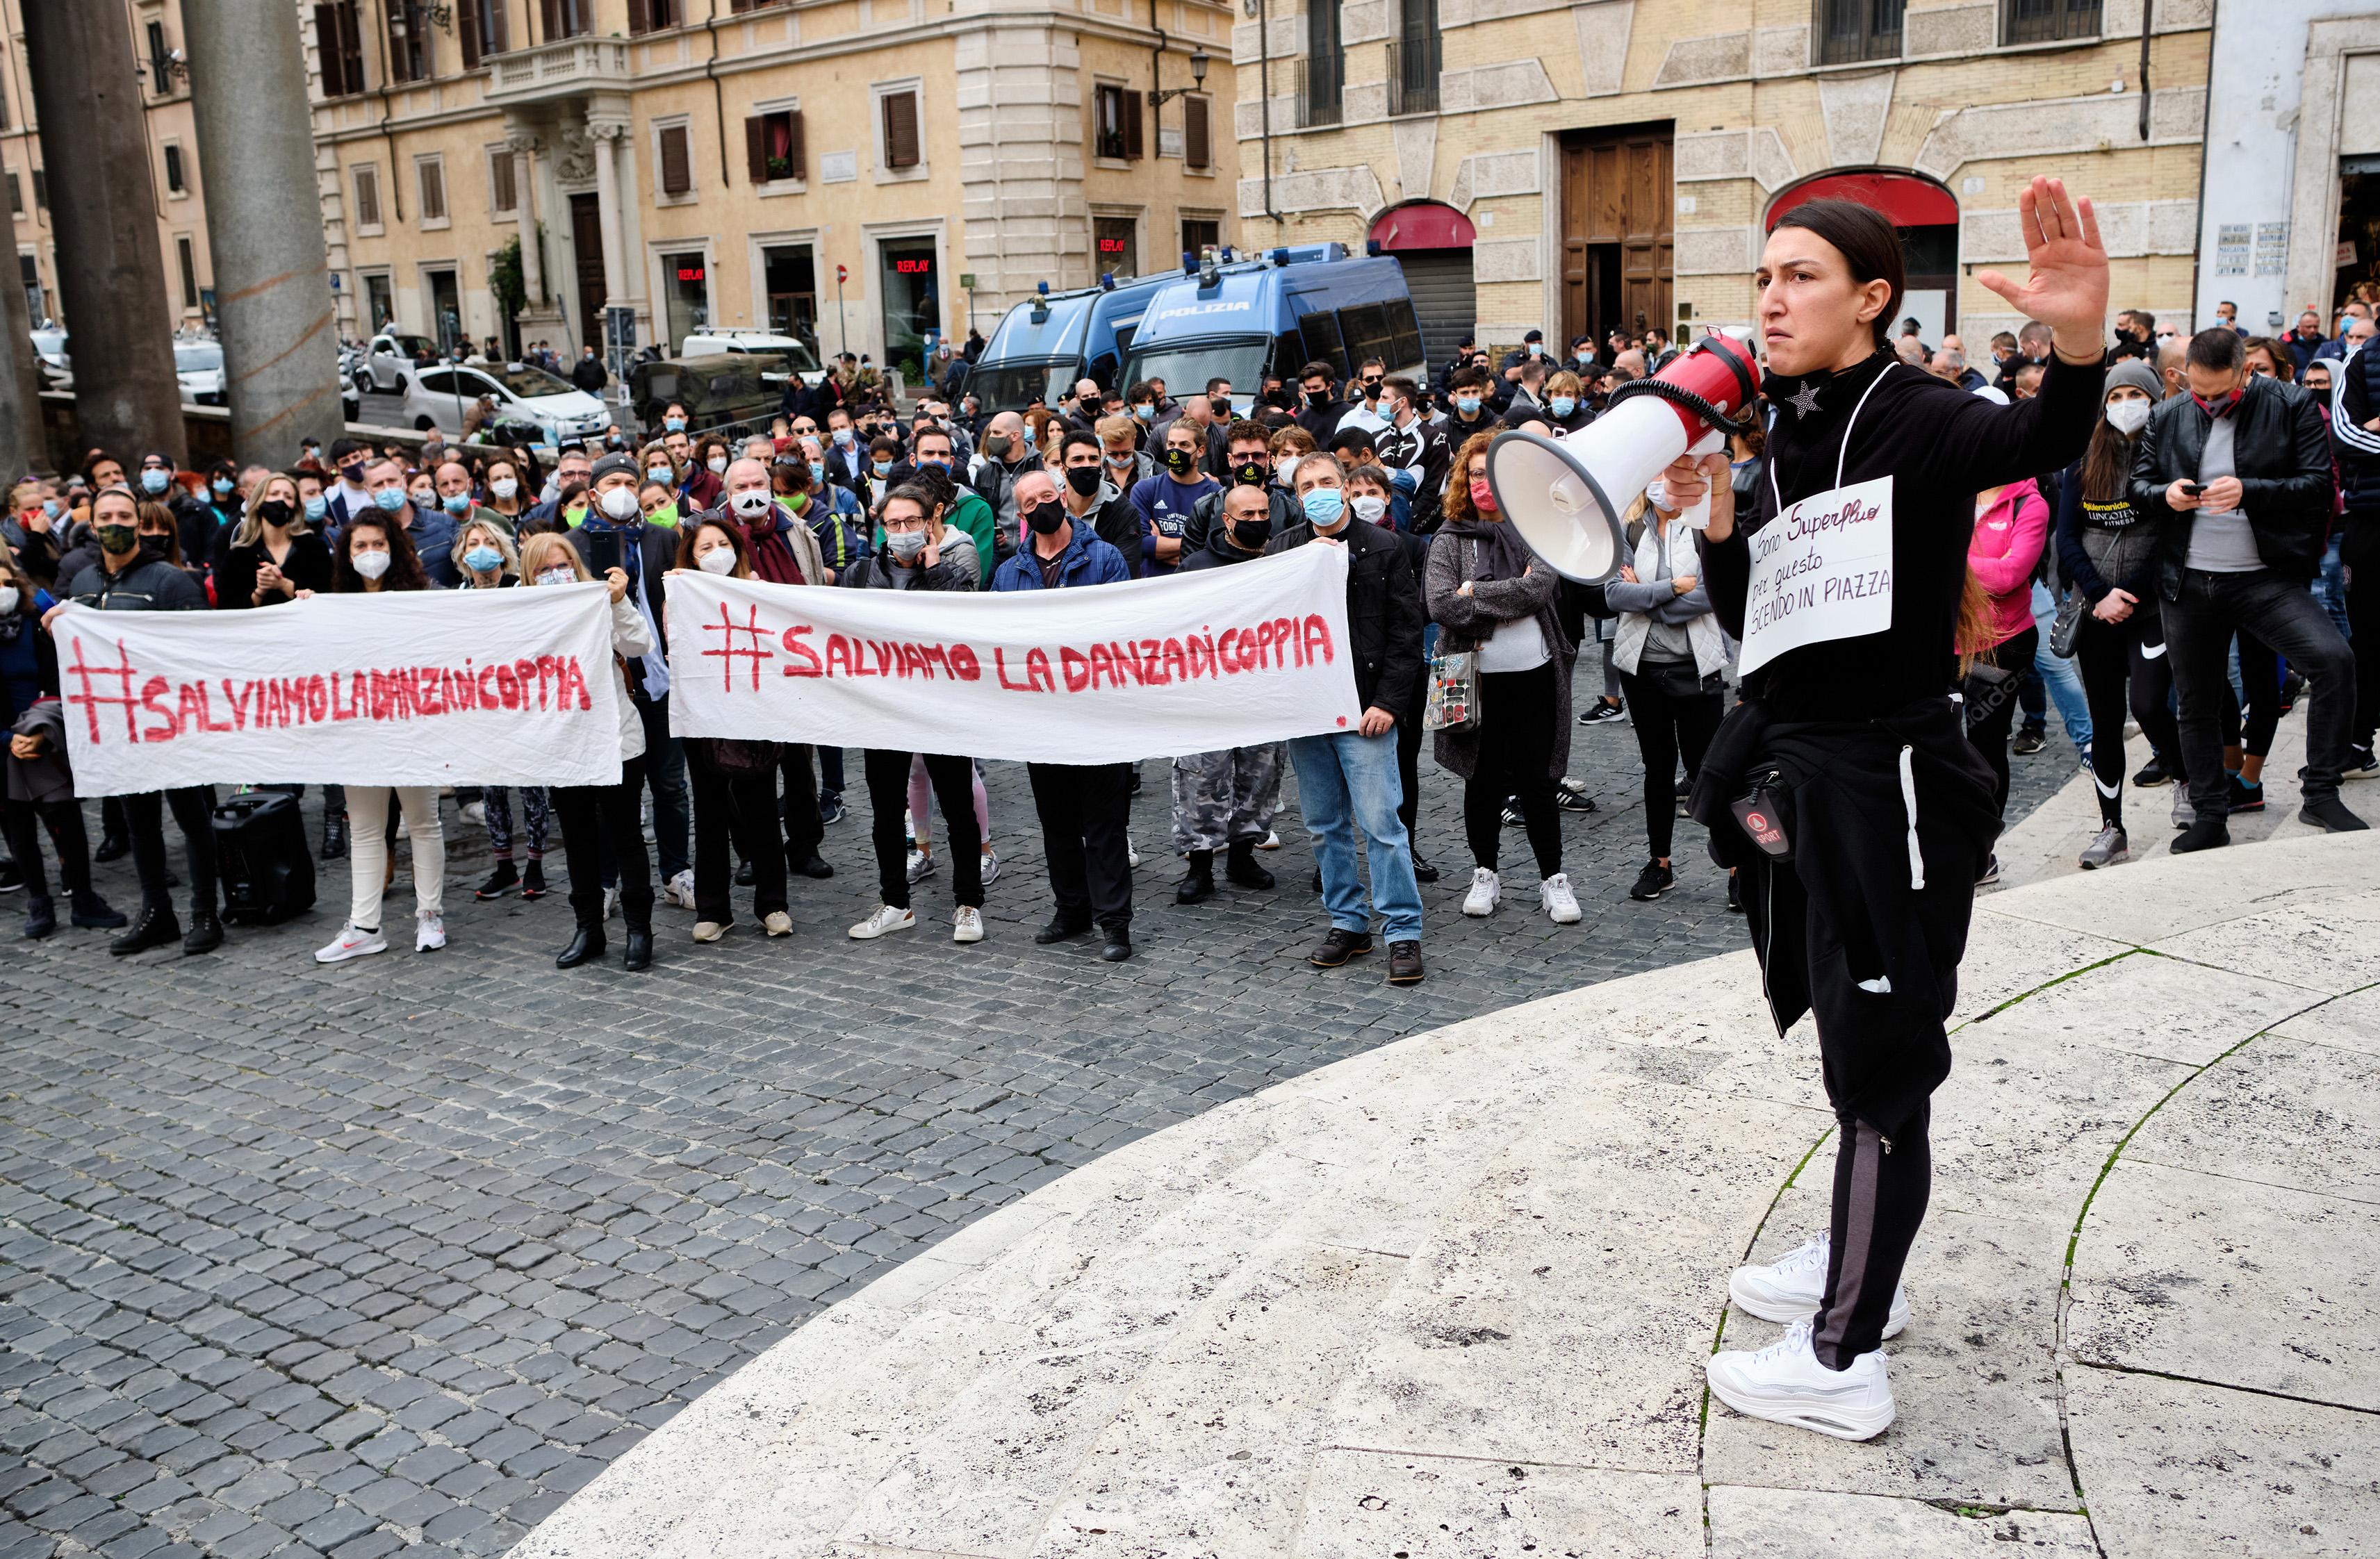 Работники тренажерных залов протестуют против ограничительных мер